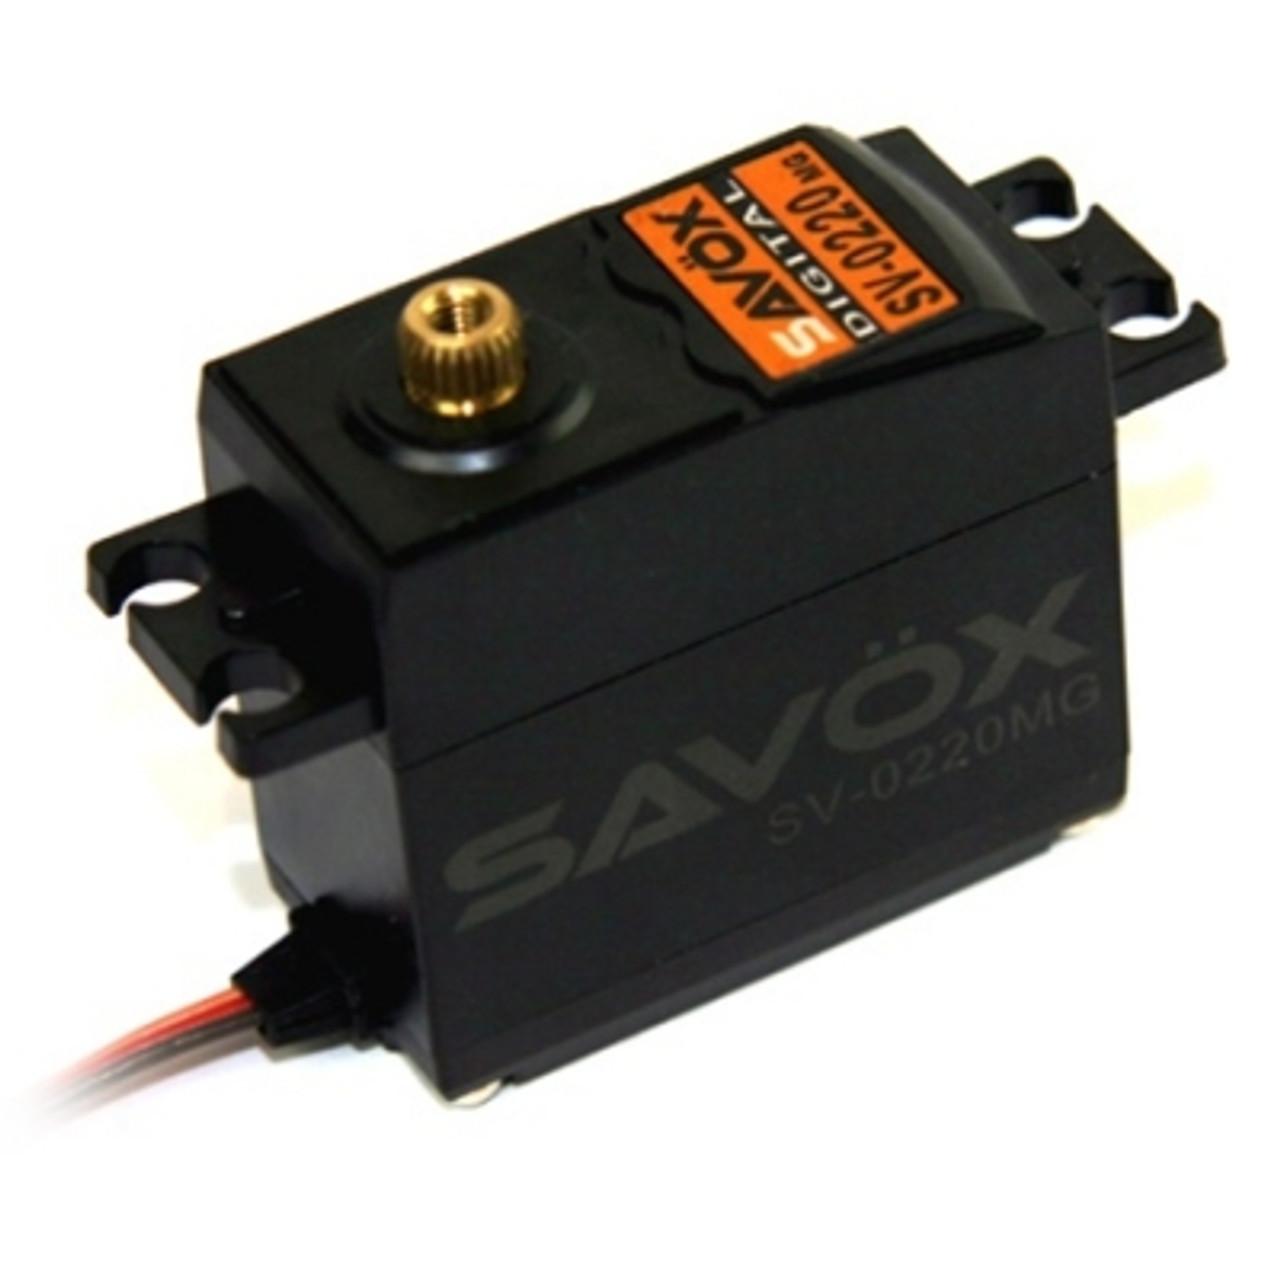 Standard MG High Voltage Servo 8kg @ 7.4v